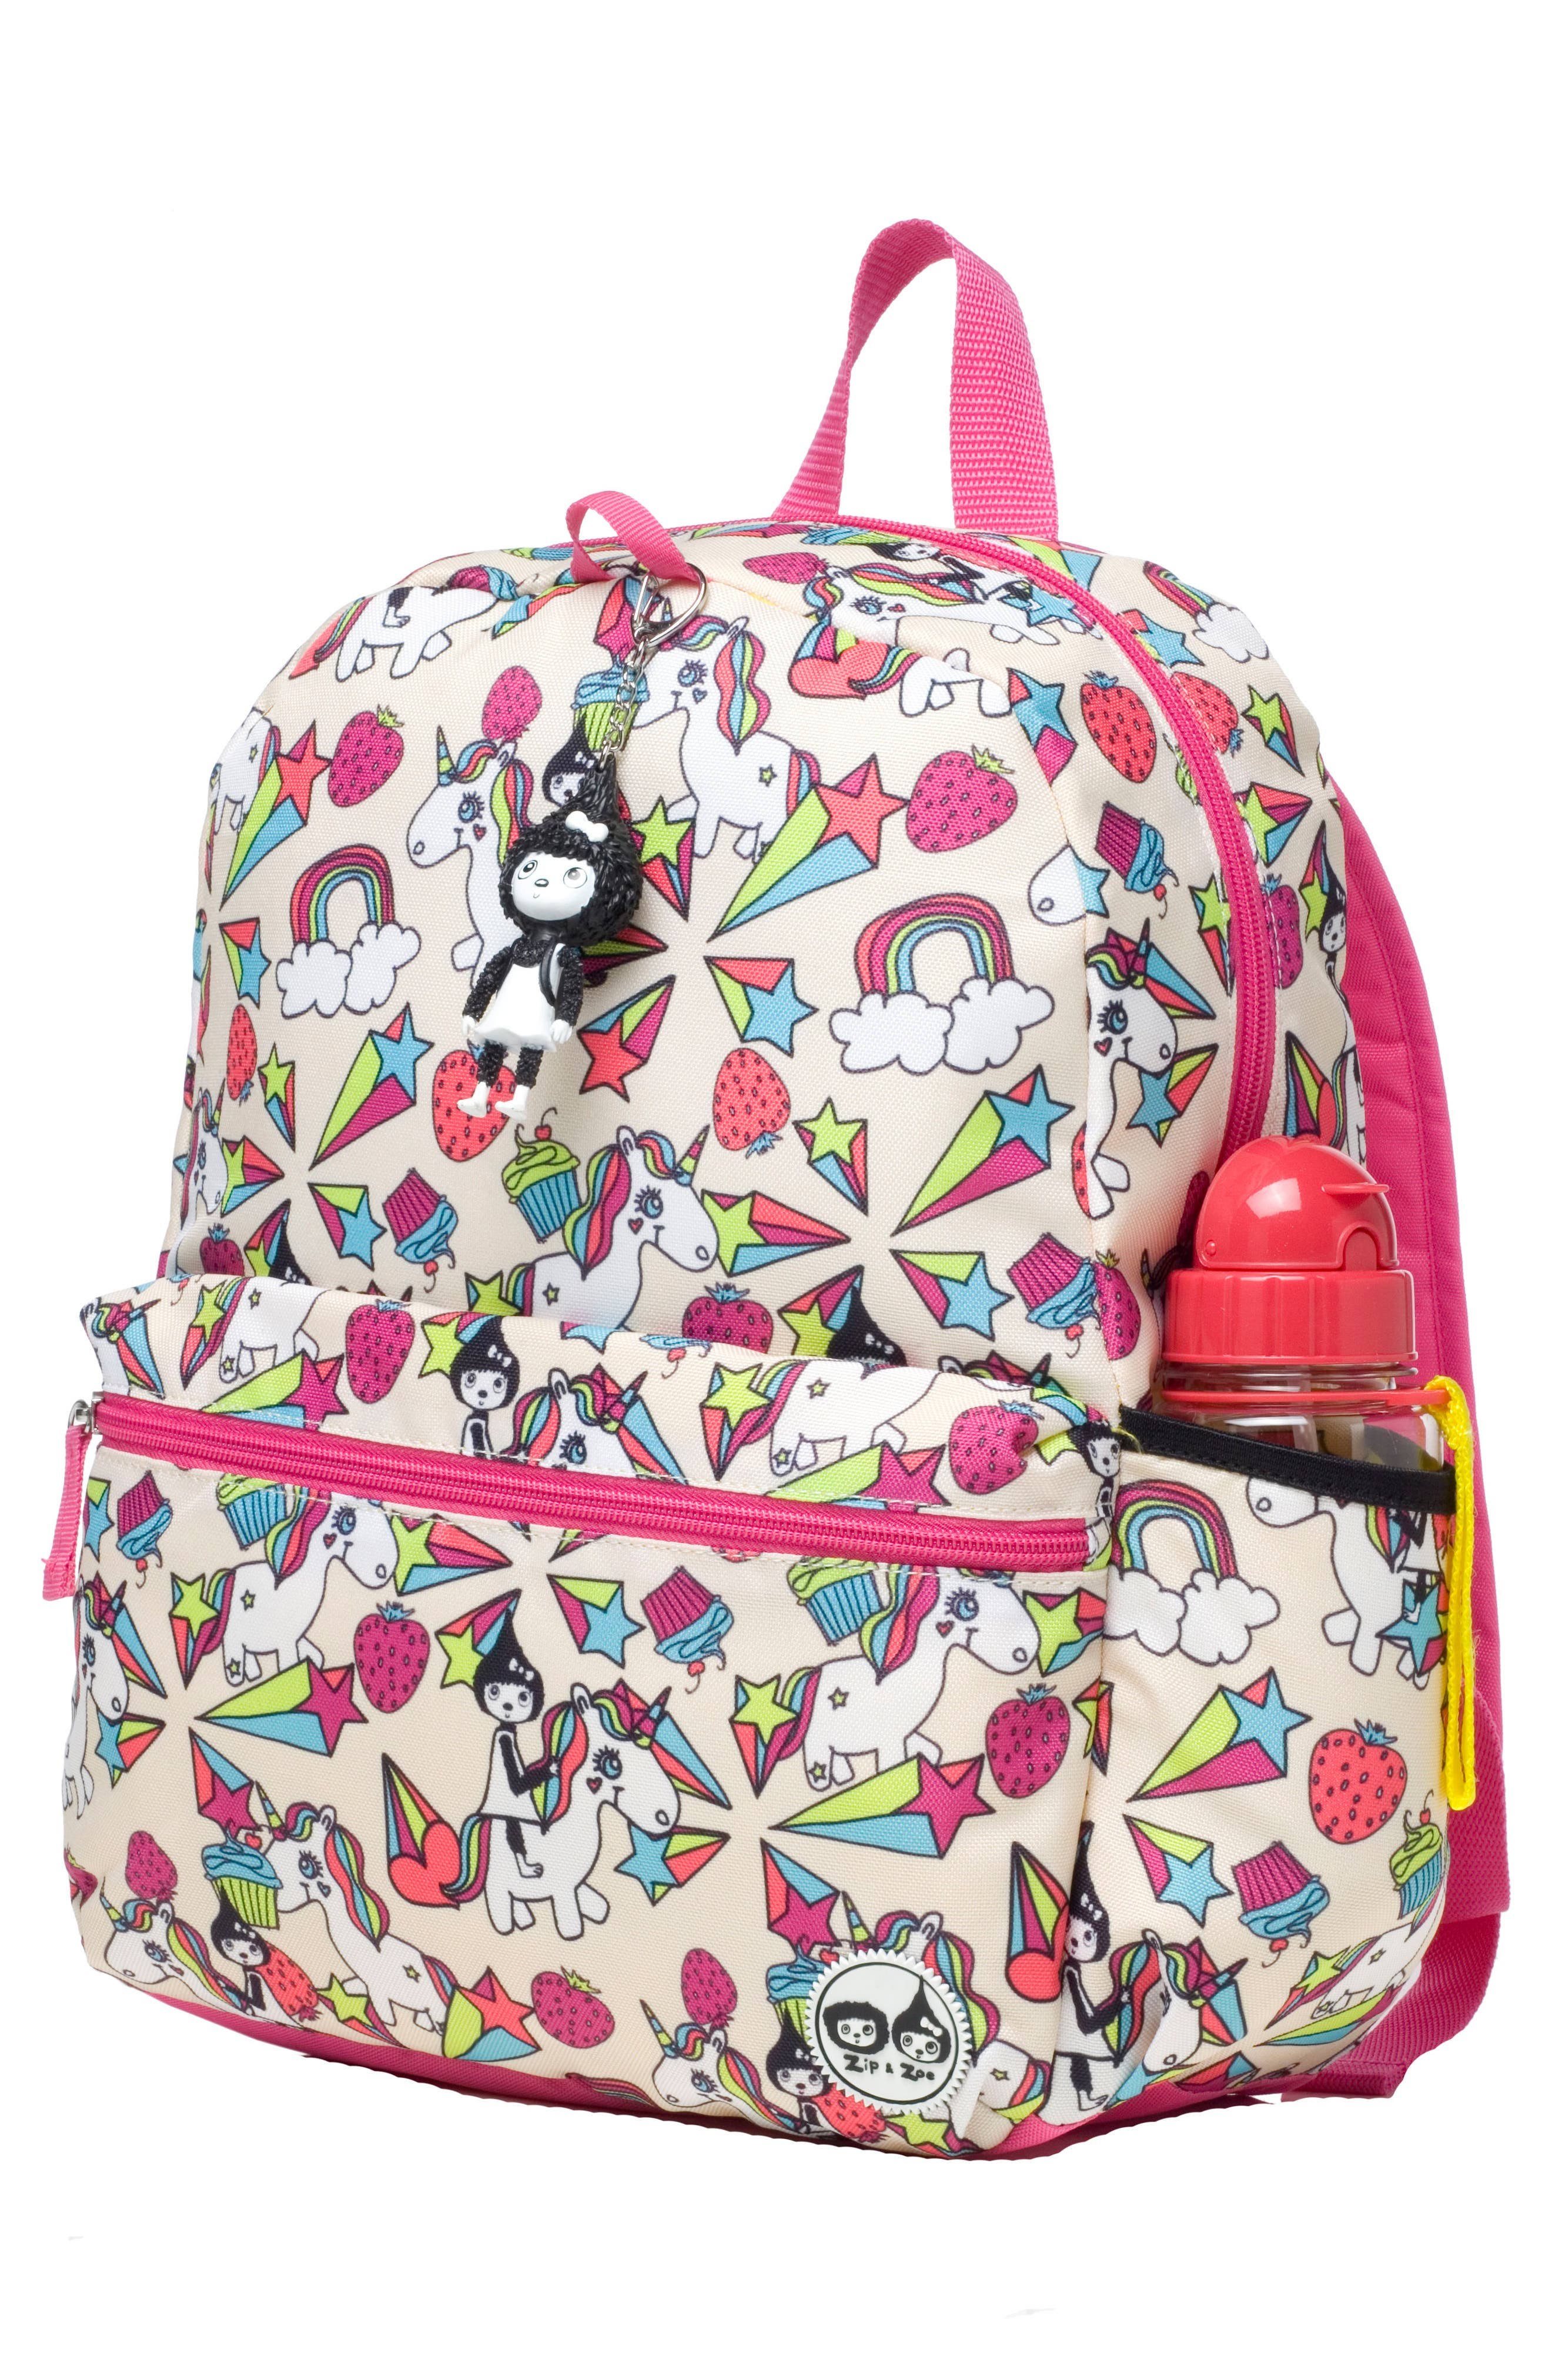 Zip & Zoe Unicorn Junior Backpack,                             Alternate thumbnail 3, color,                             WHITE